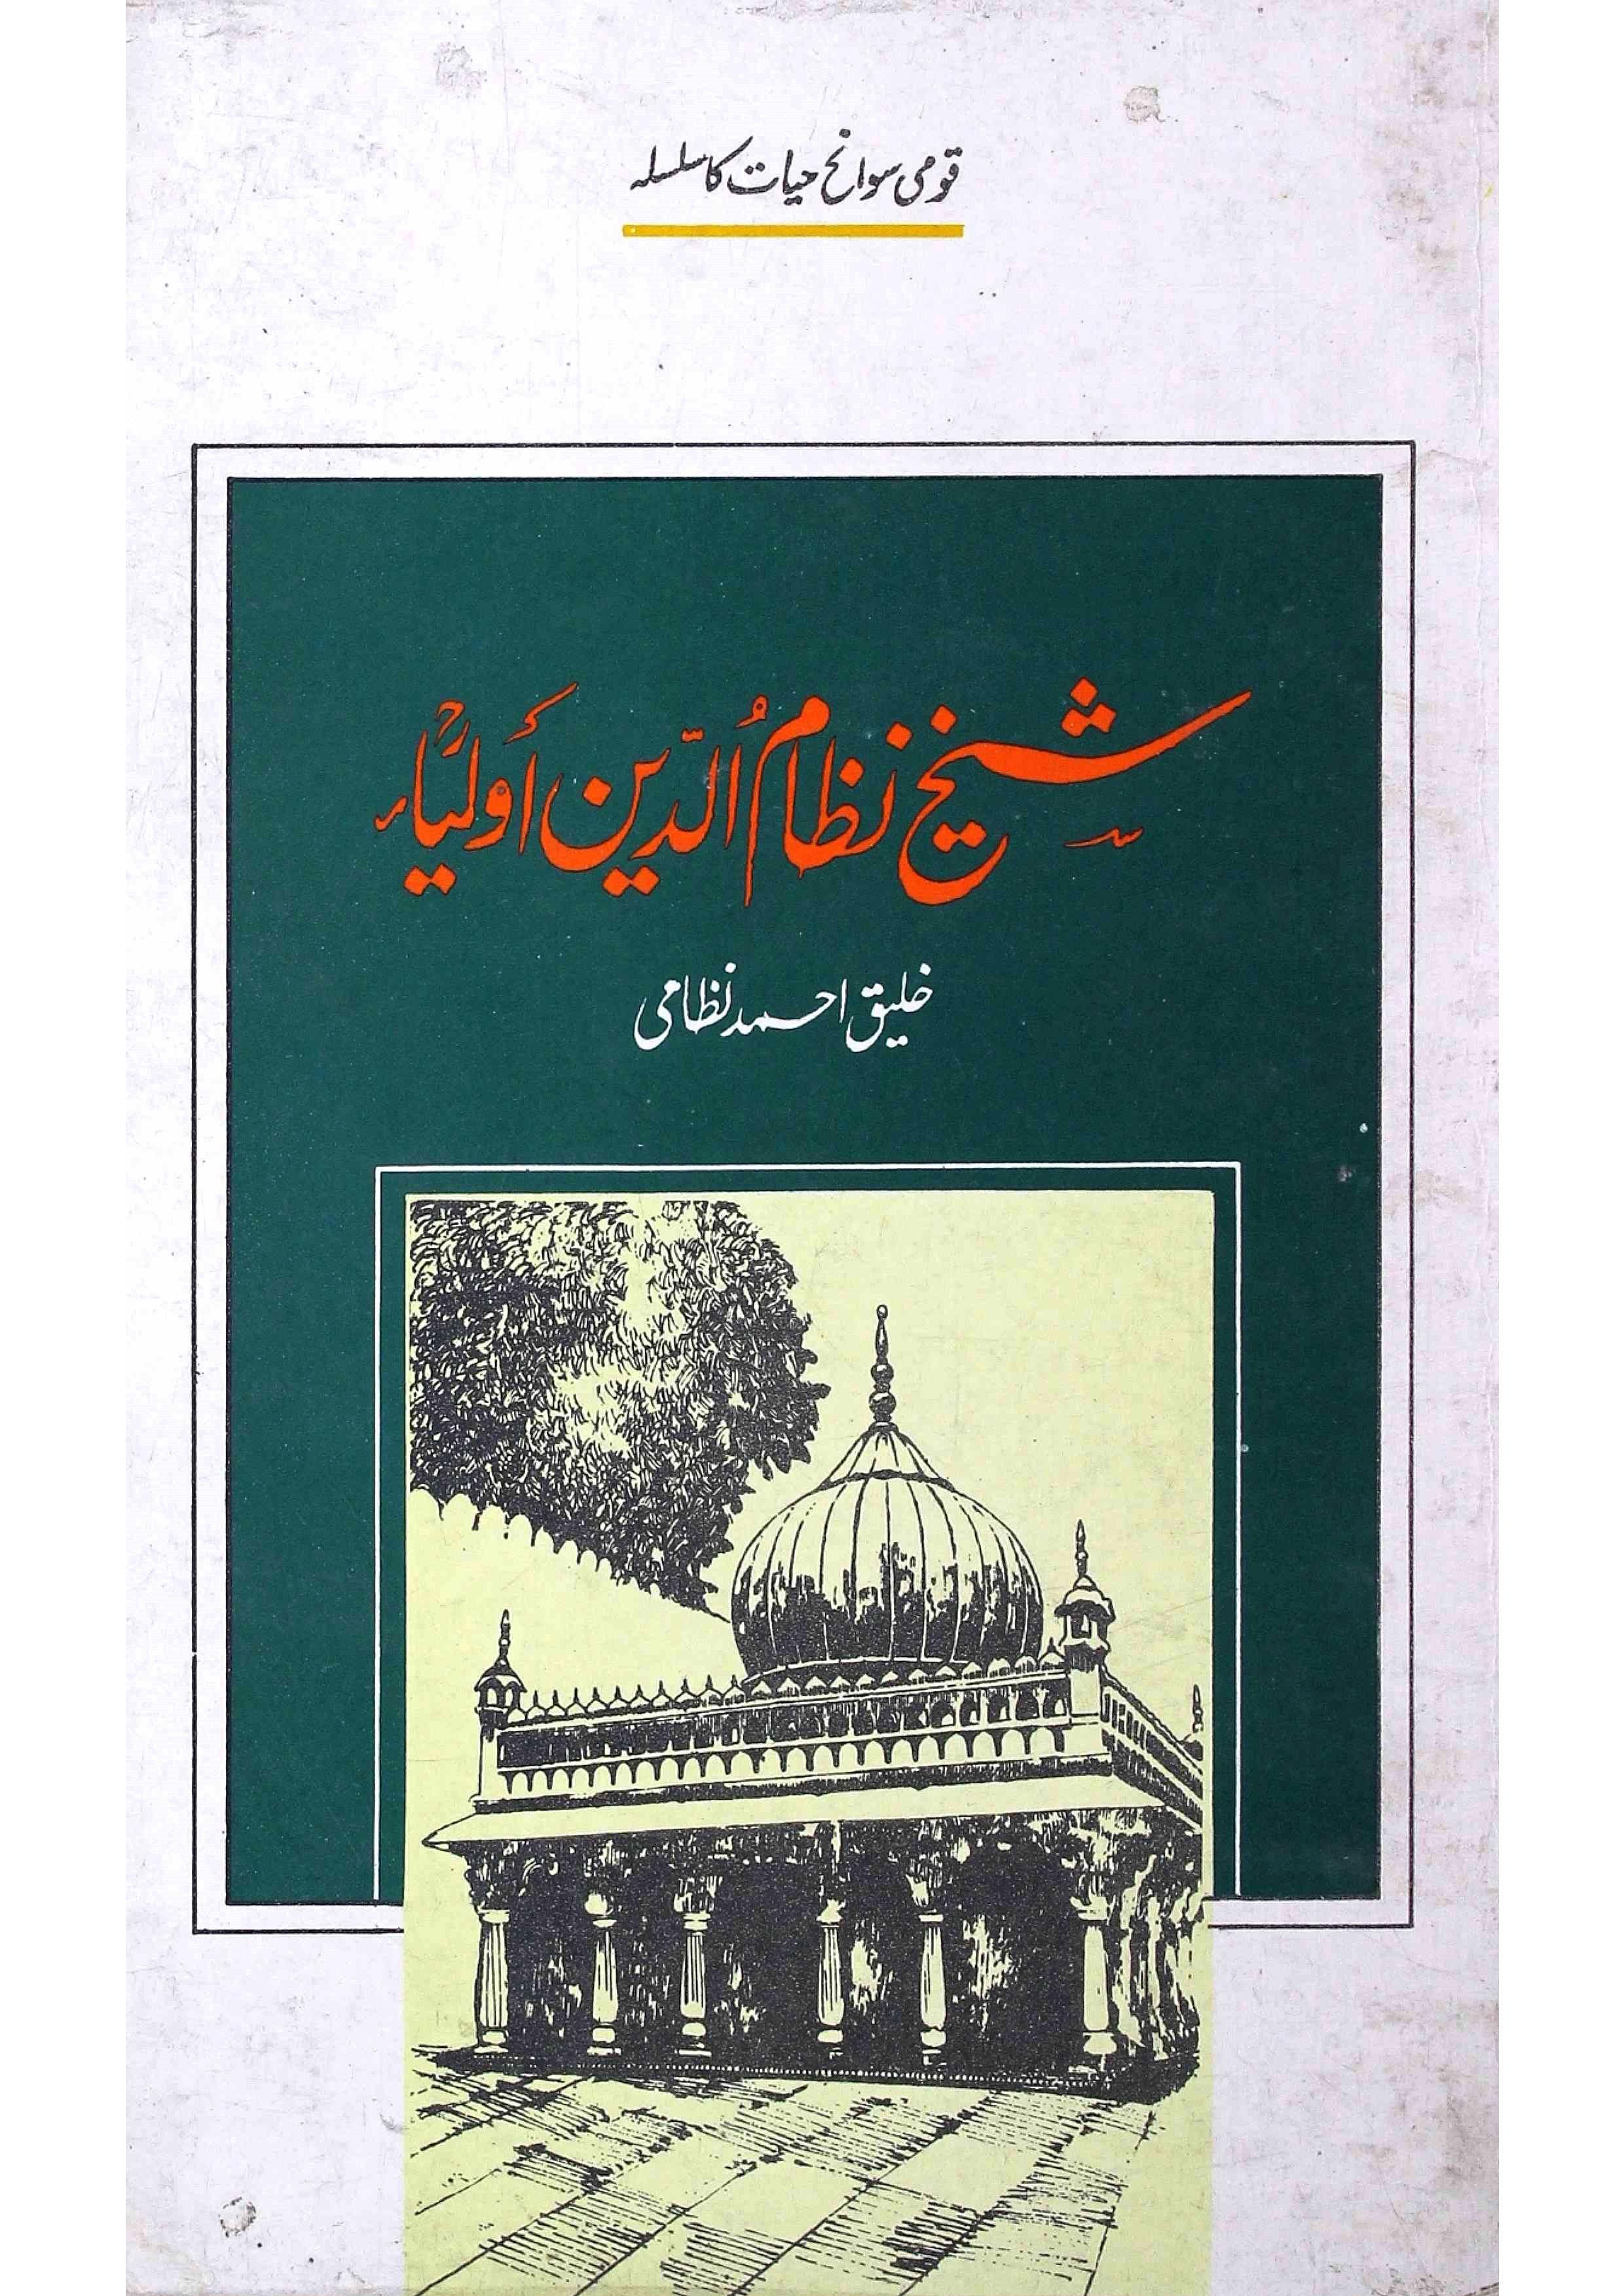 Shaikh Nizamuddin Auliya